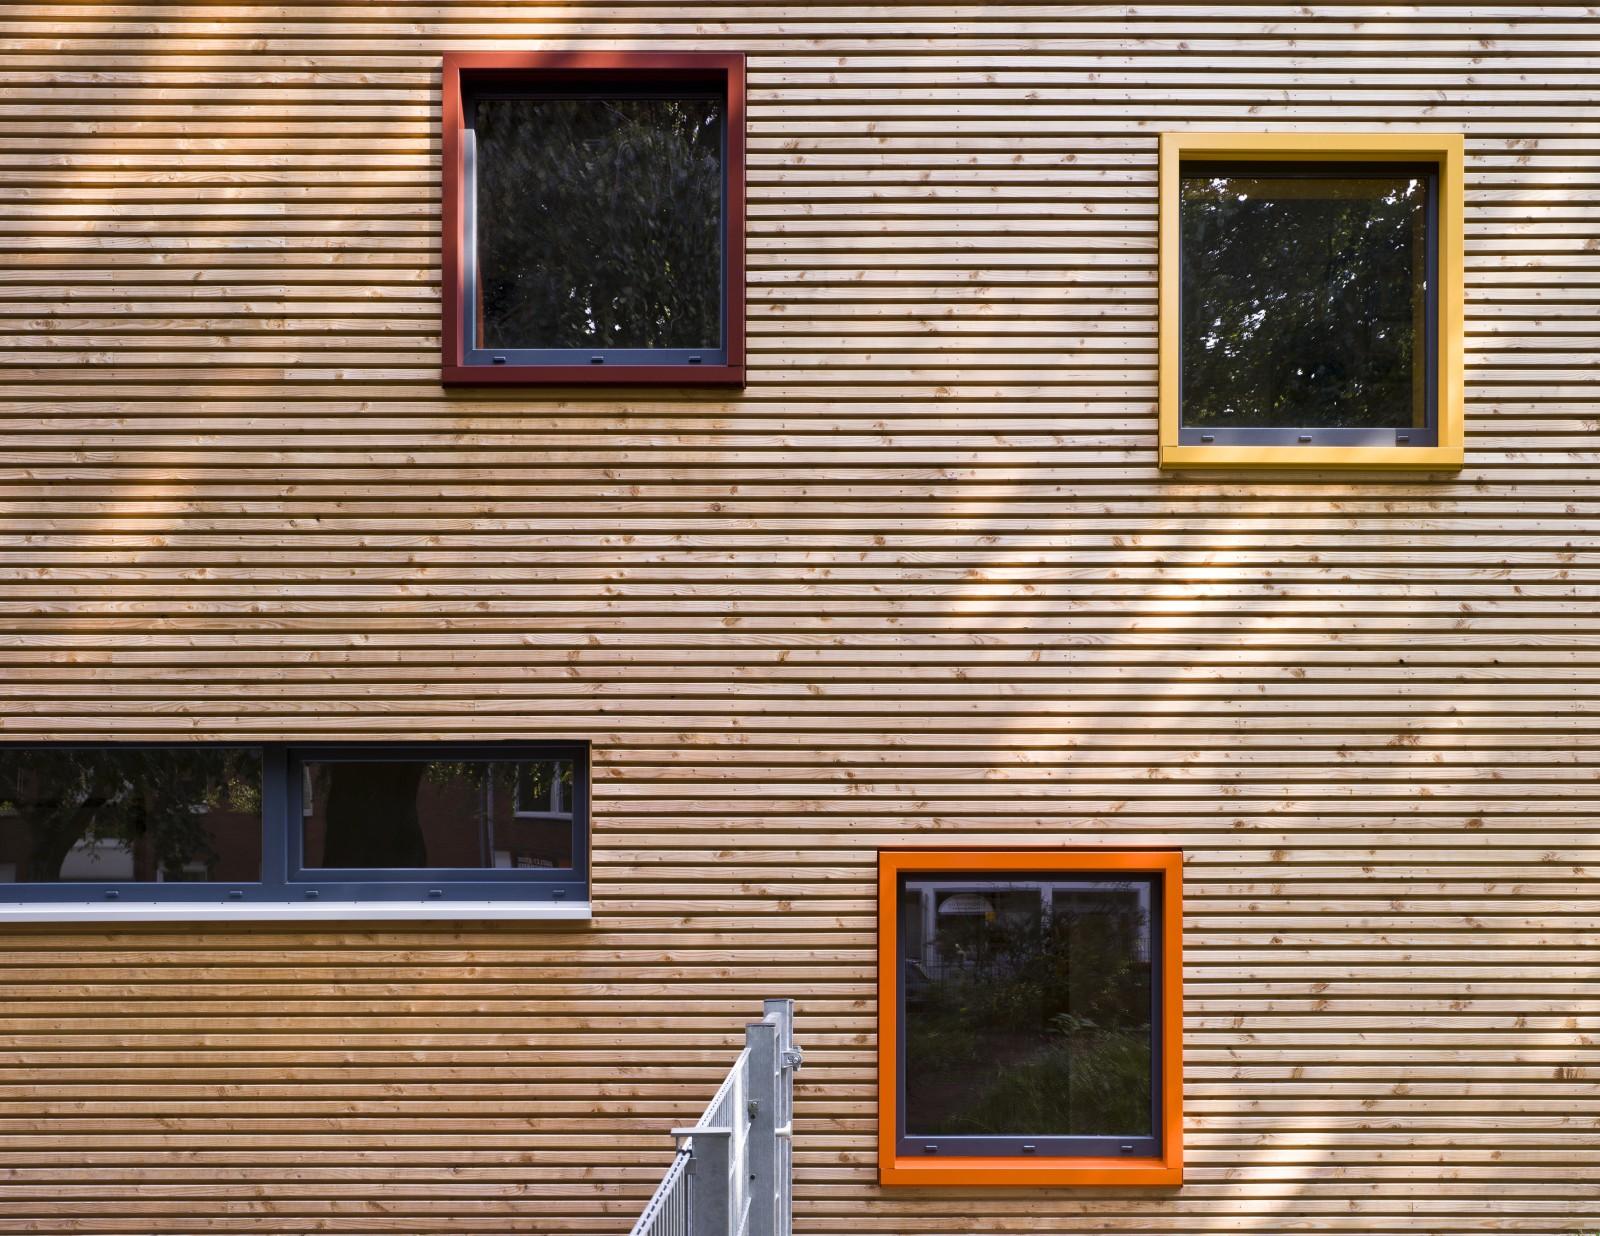 neubau-kita-bachstraße-fenster-detail